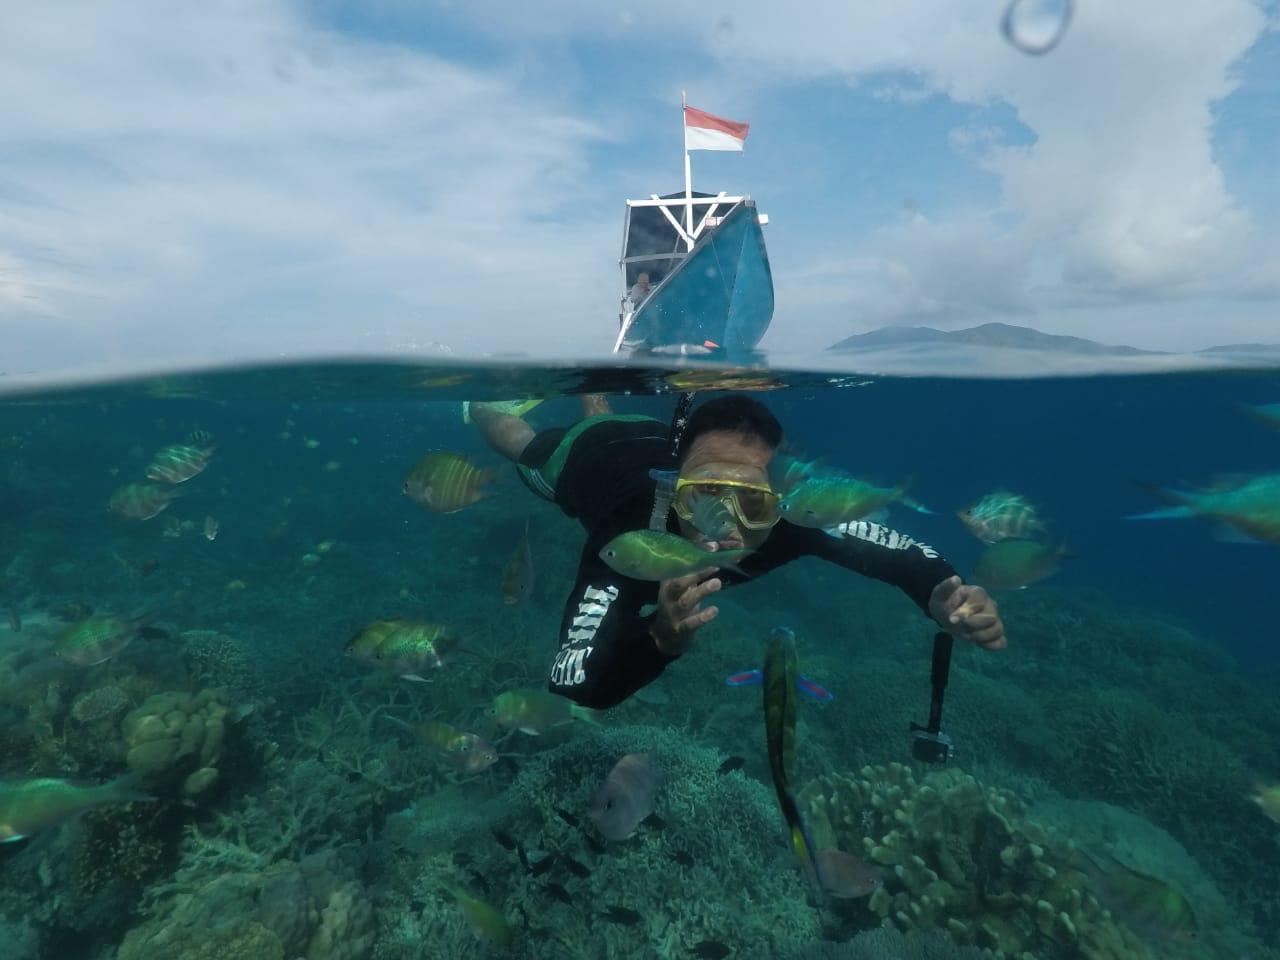 Explore the underwater world of Karimunjawa